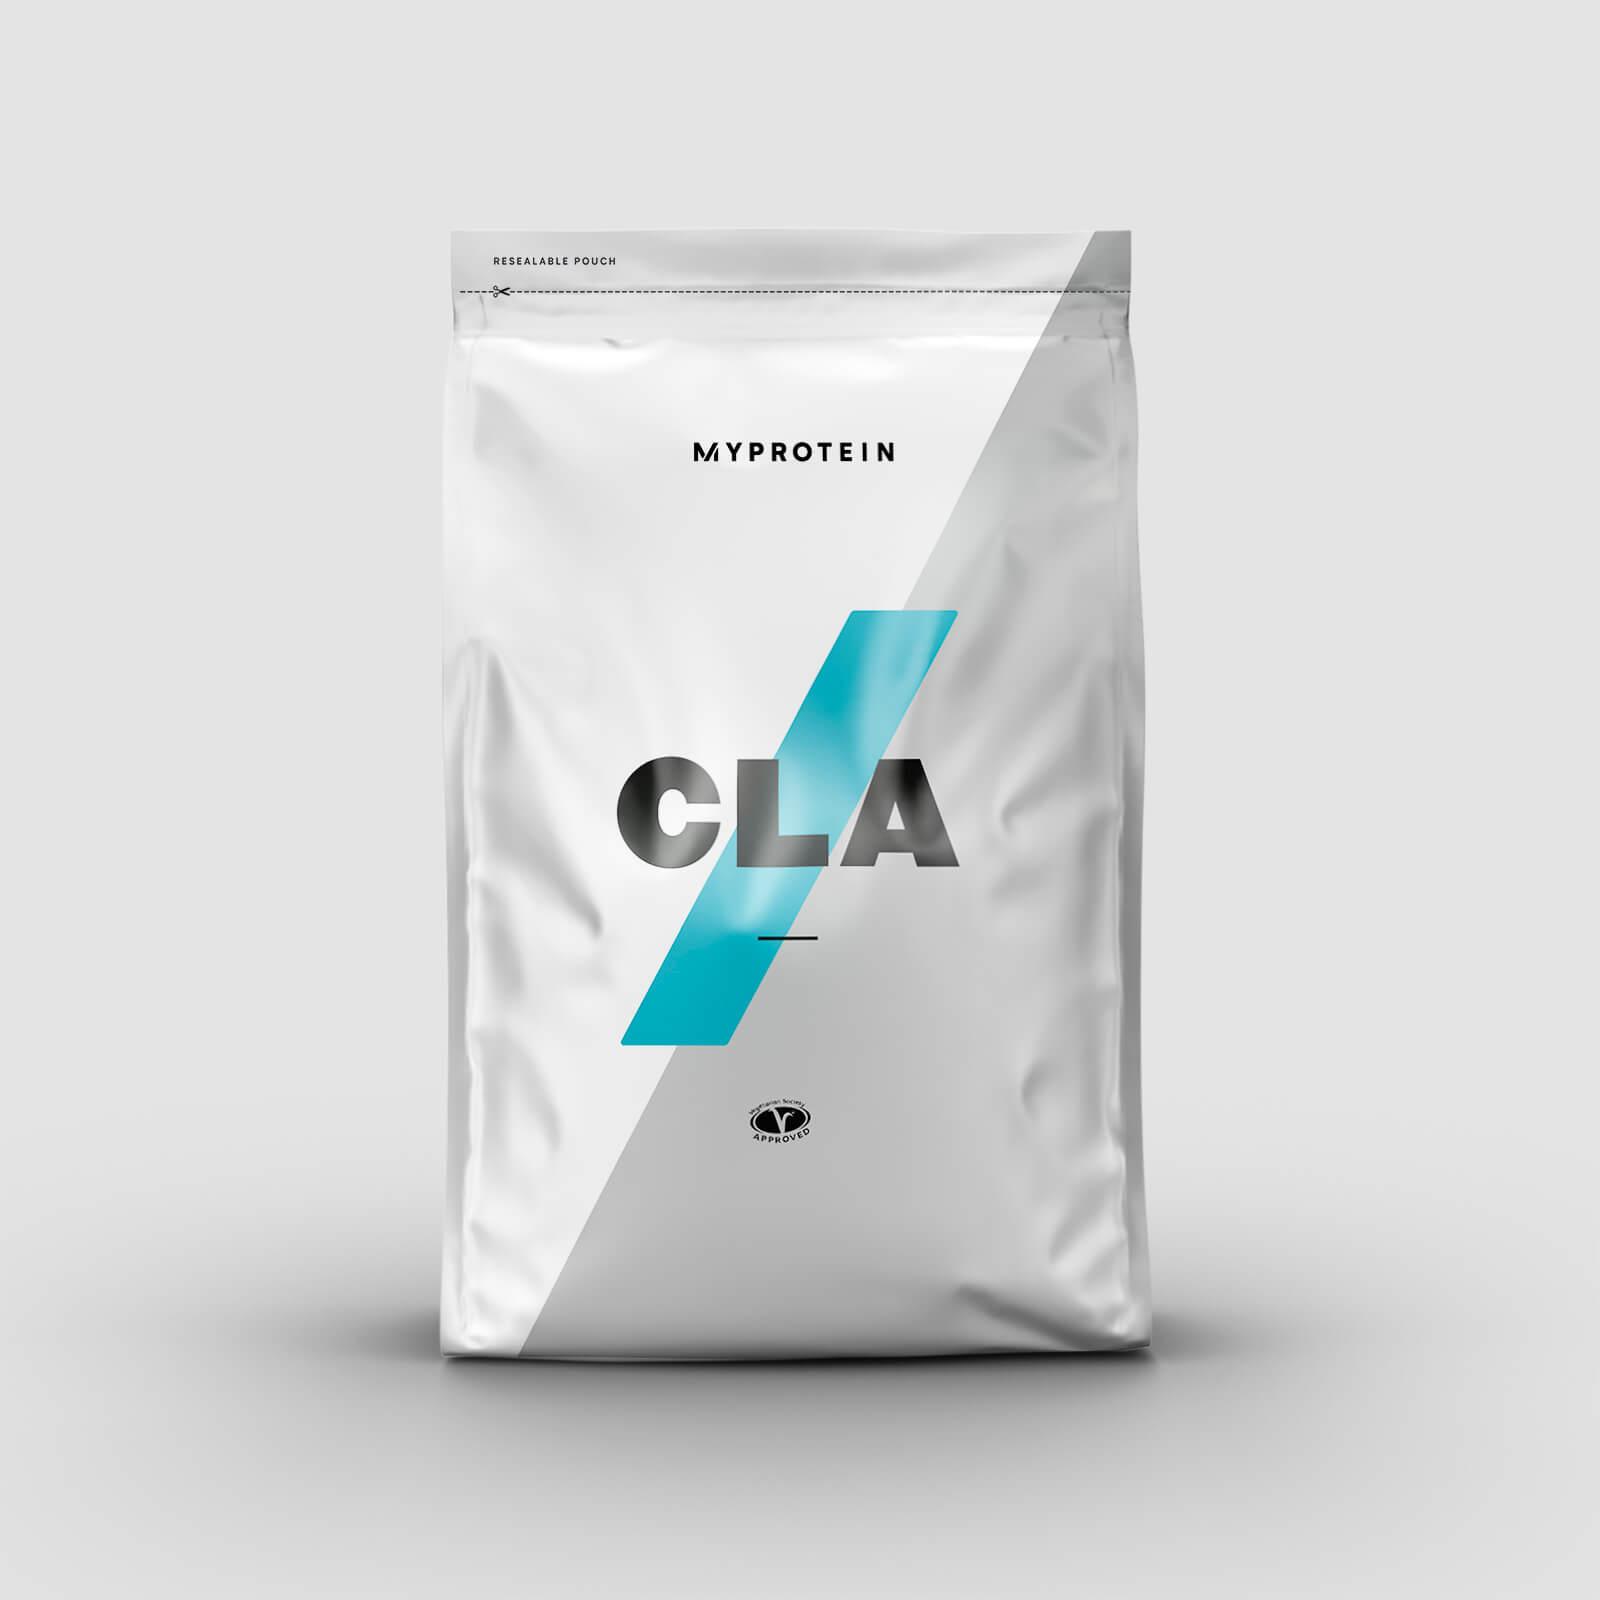 Myprotein CLA en poudre - 500g - Sans arôme ajouté